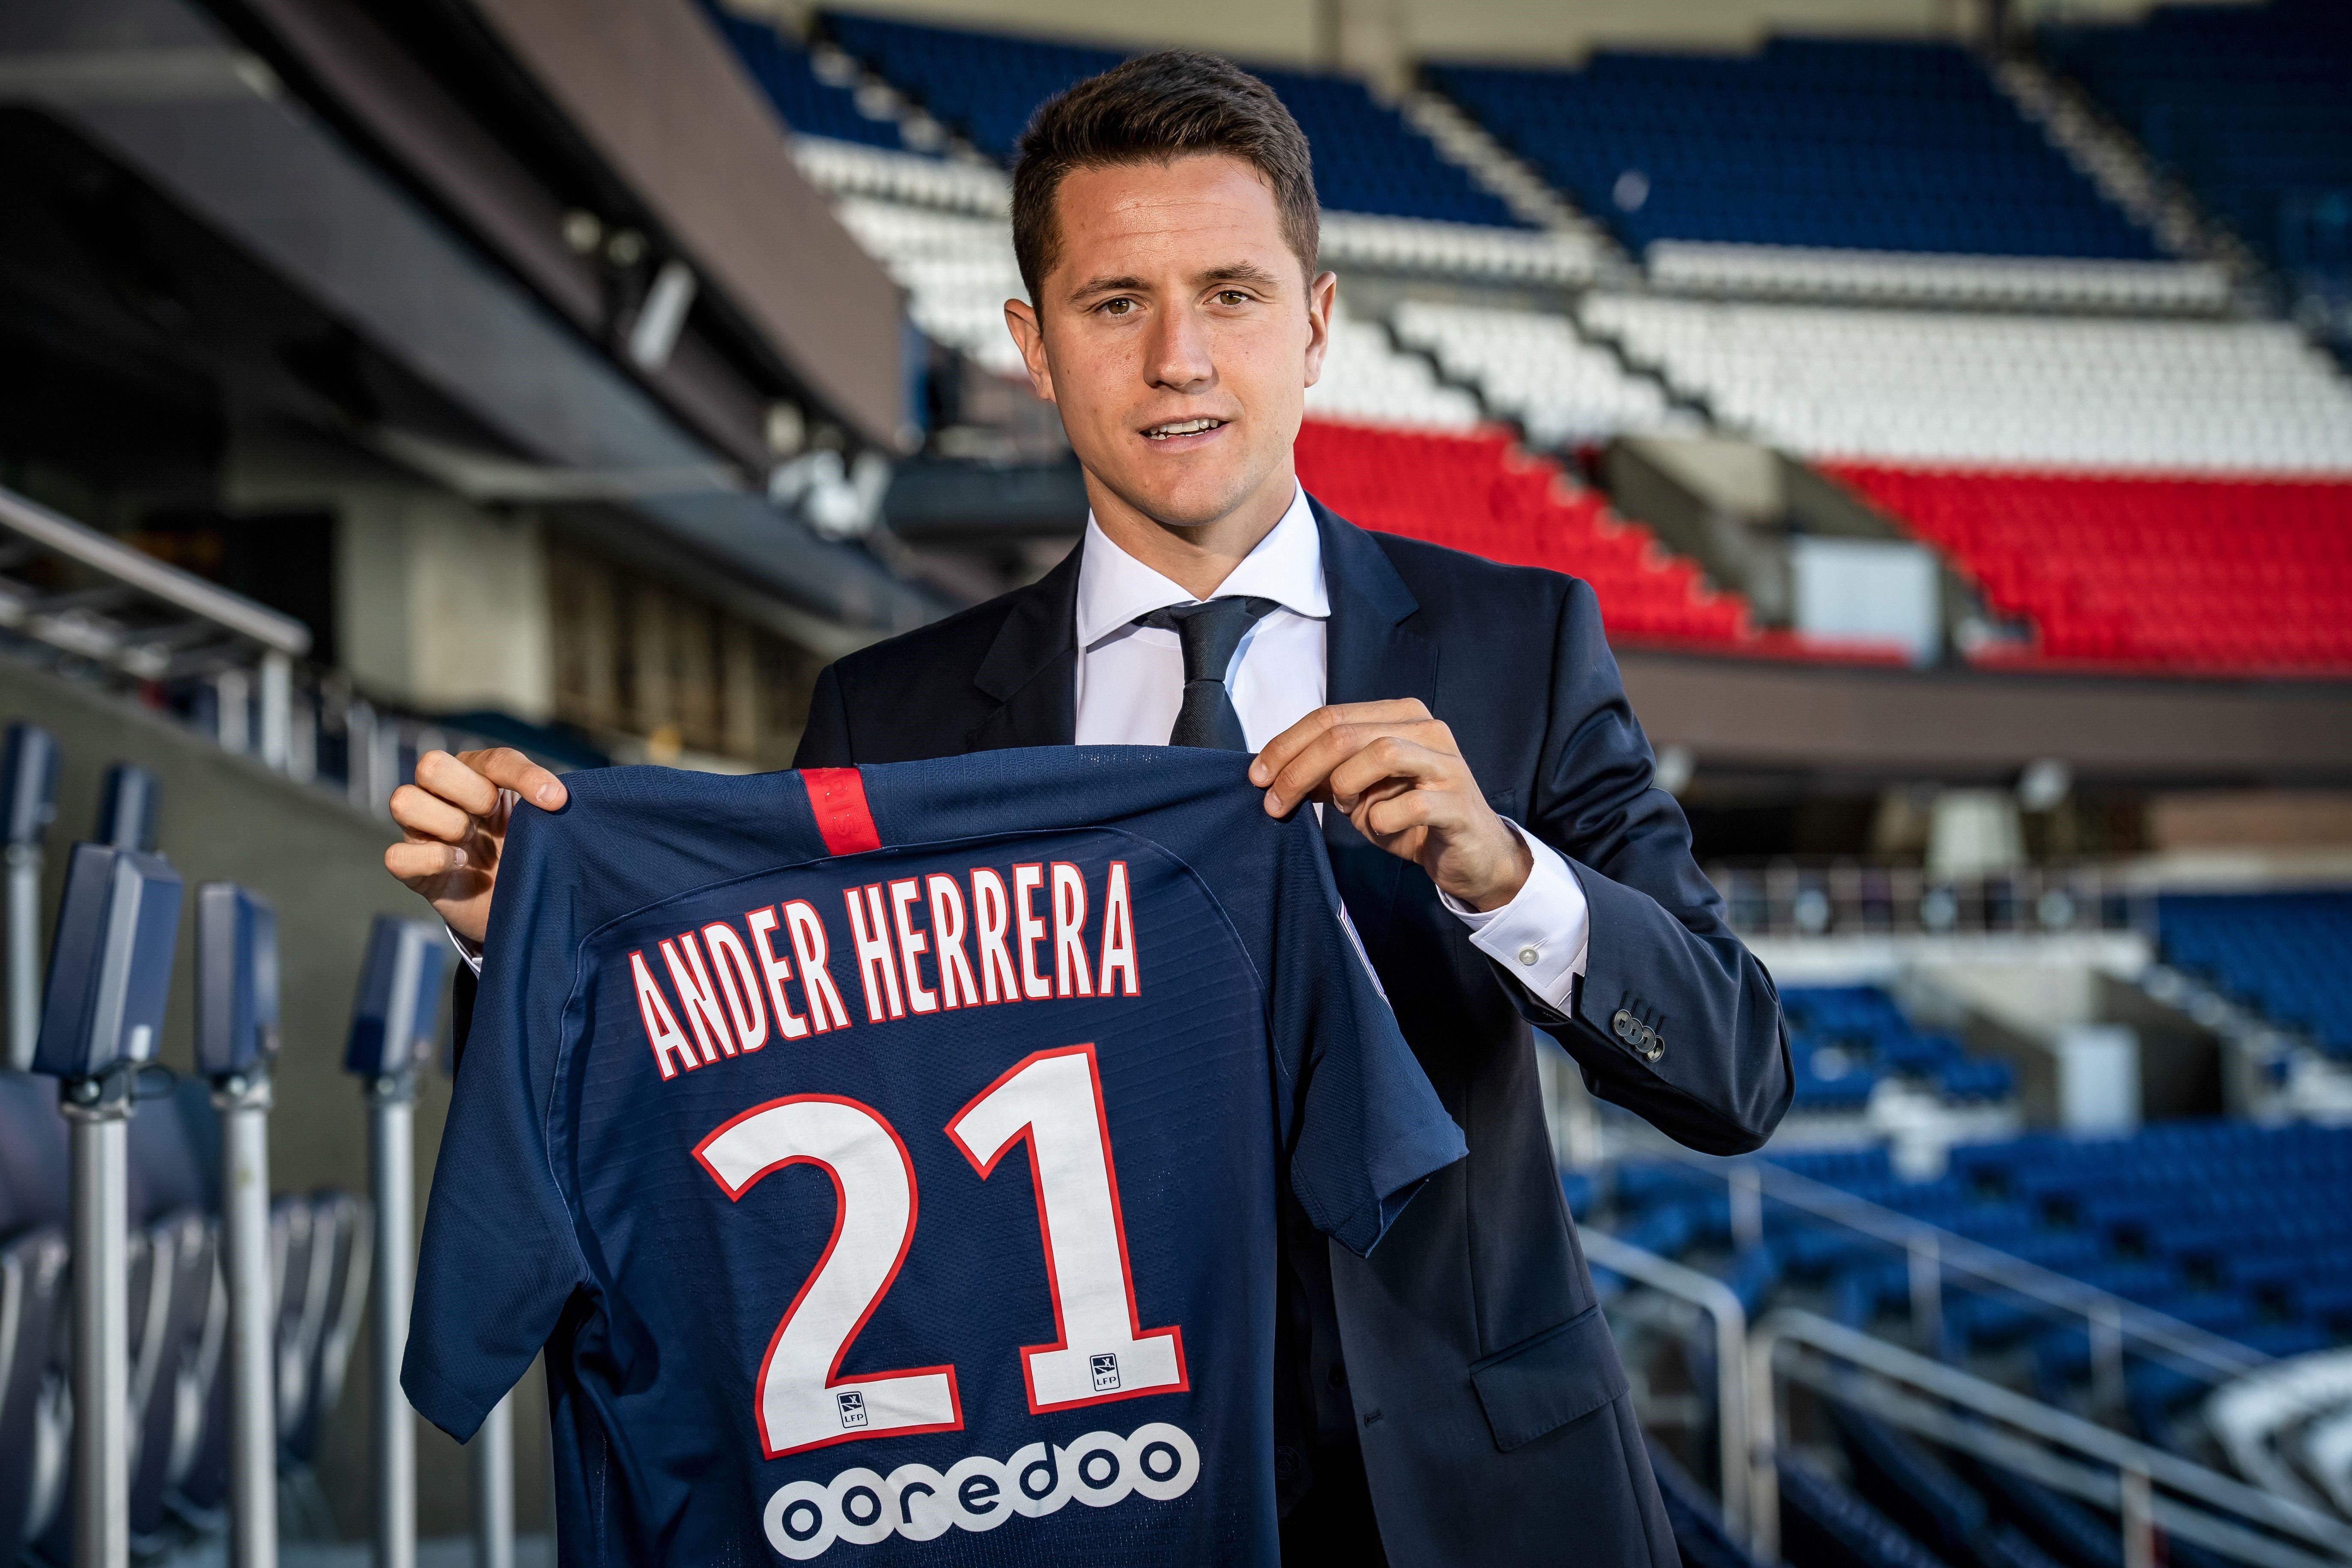 Ander Herrera lors de sa signature avec le PSG